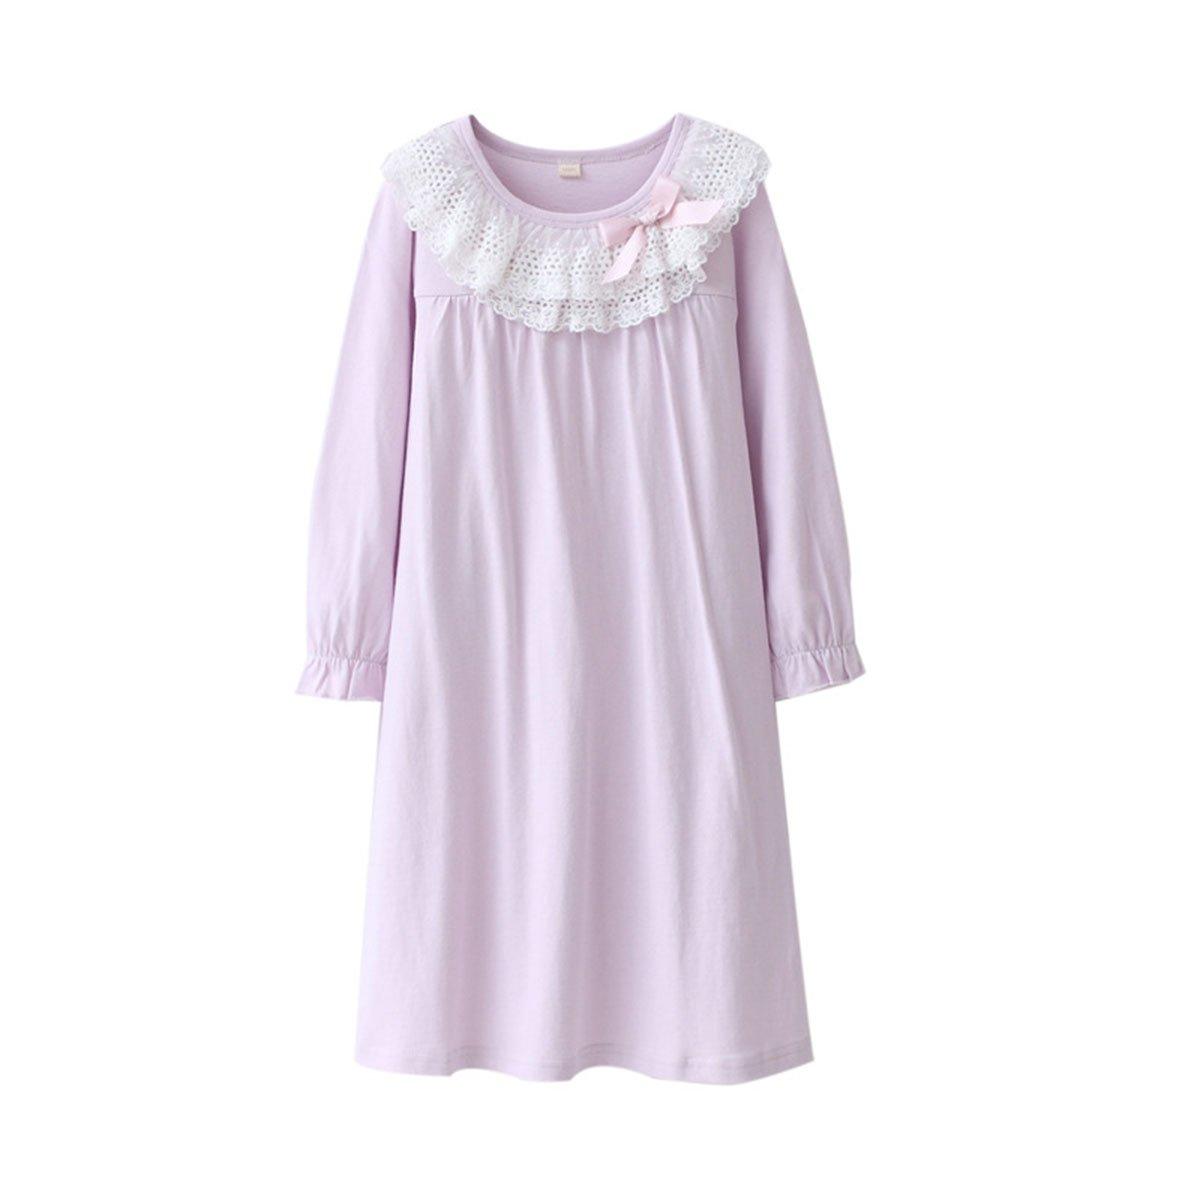 KINYBABY Girls Cotton Nightgown Lace Bowknot Princess Sleepwear Nightwear Dress Purple 6-7 Years/130cm